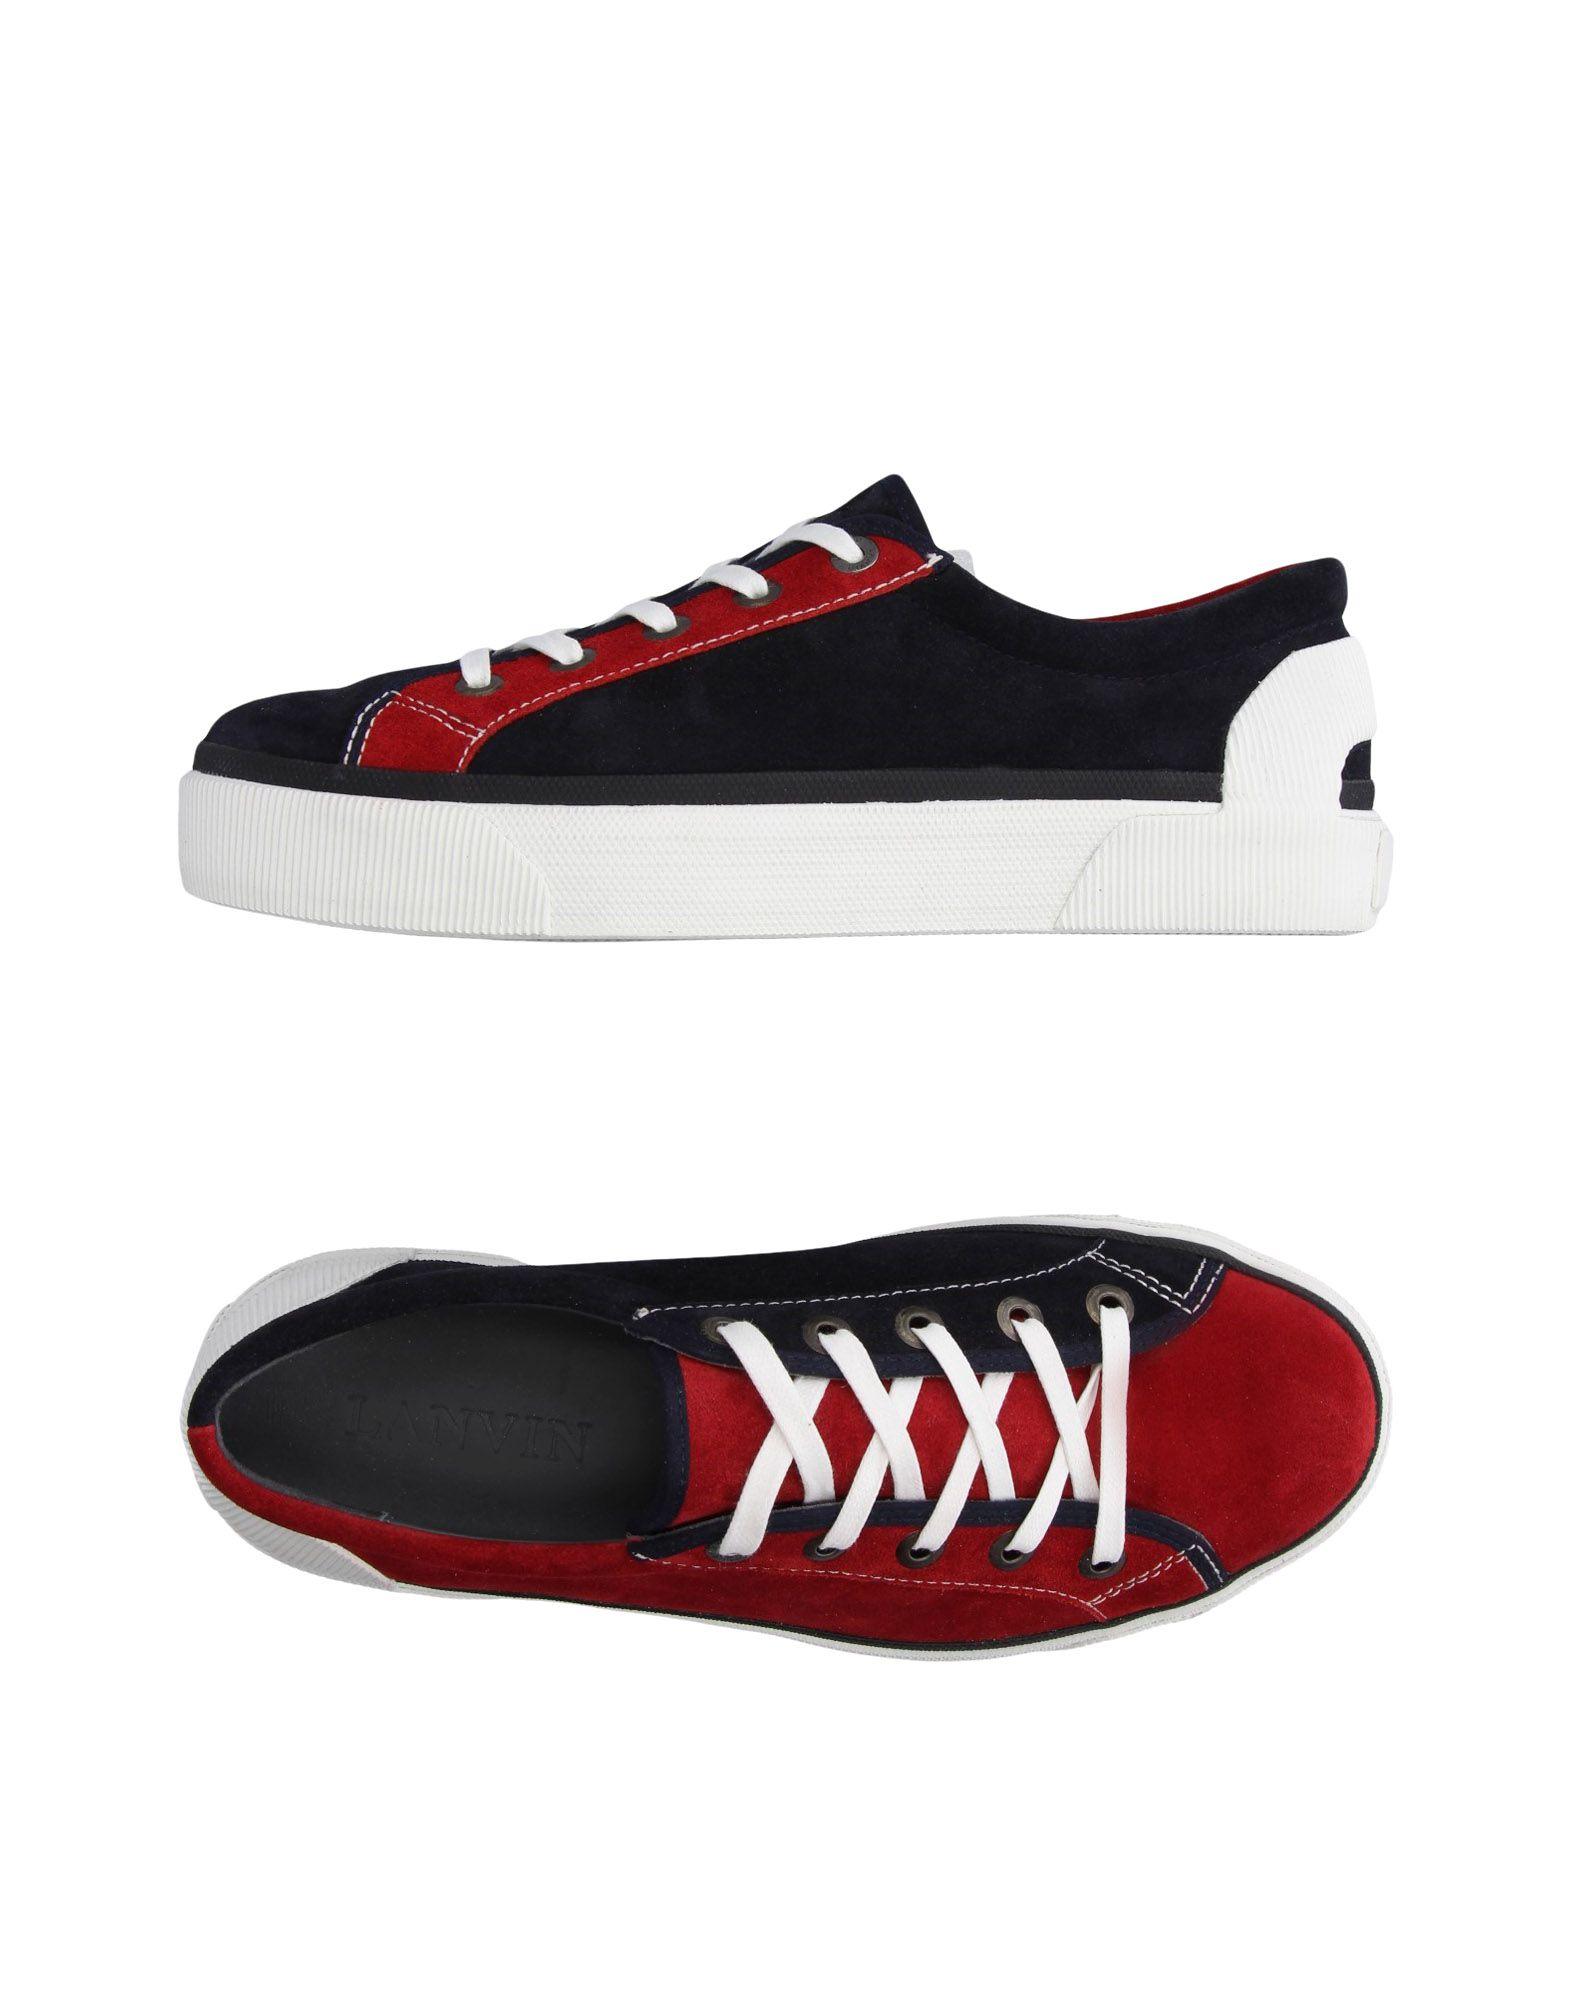 Moda Sneakers Lanvin Uomo Uomo Lanvin - 11217310SU 1b0dae